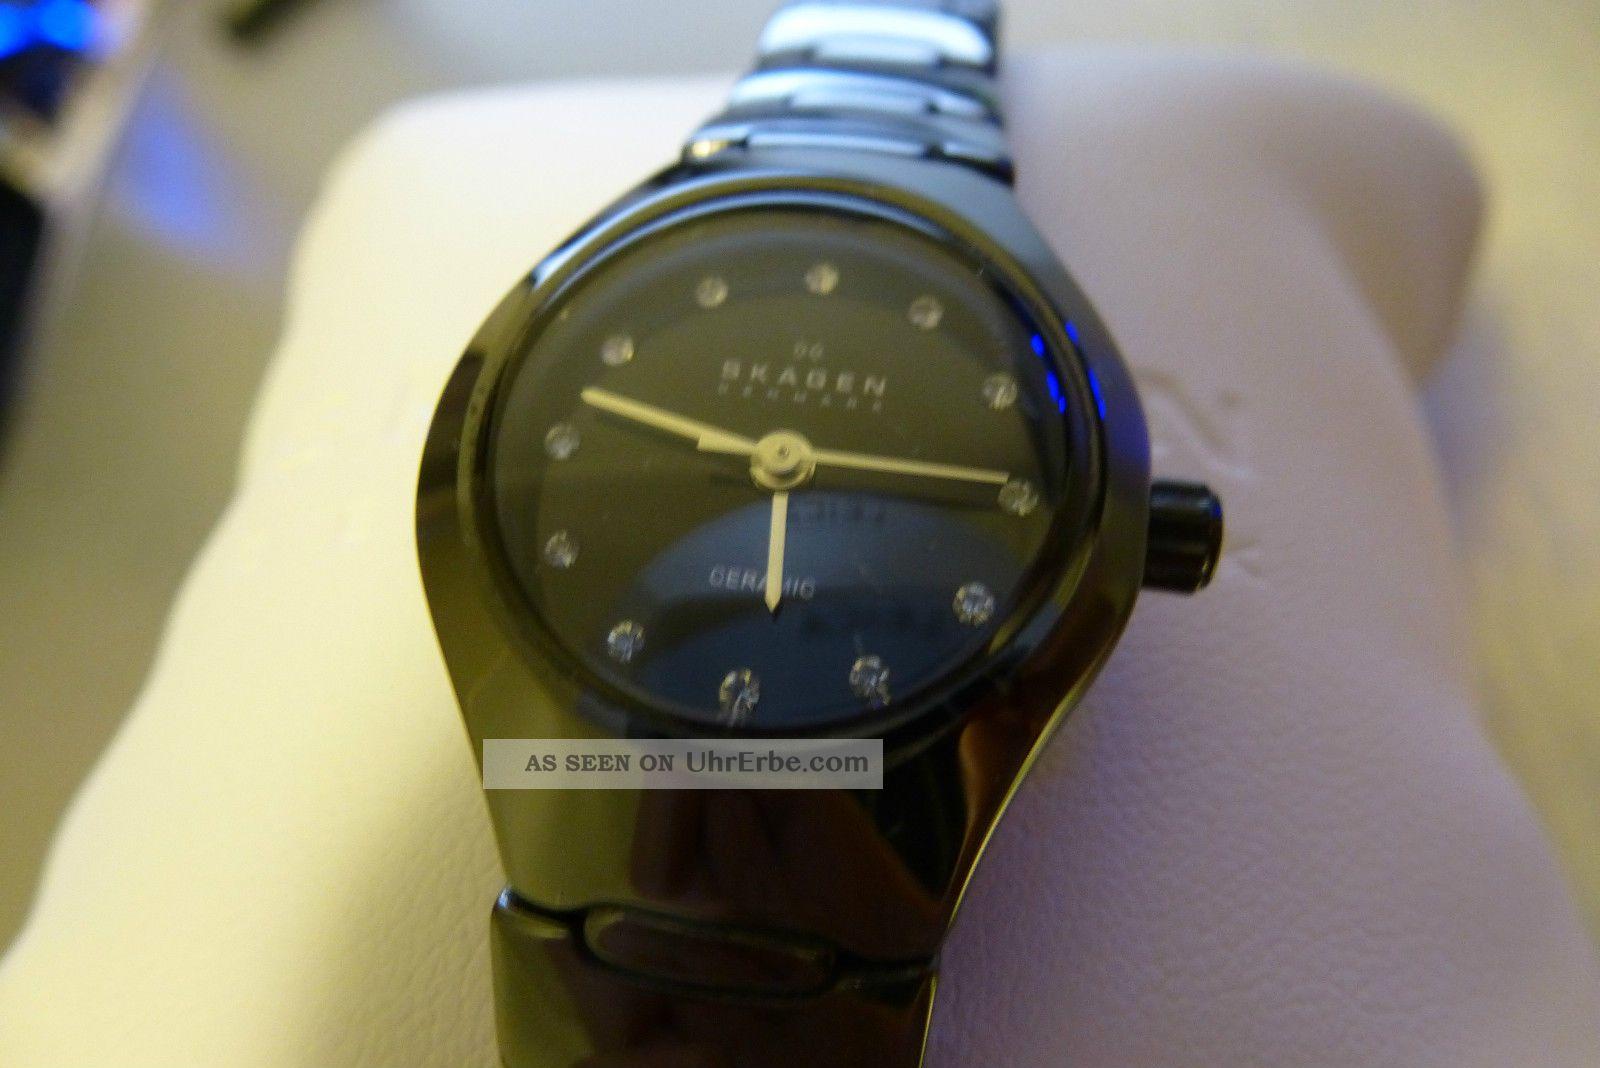 Skagen 816 Xsbxc1 Damenuhr 816xsbxc1 Keramik Armband Armbanduhren Bild